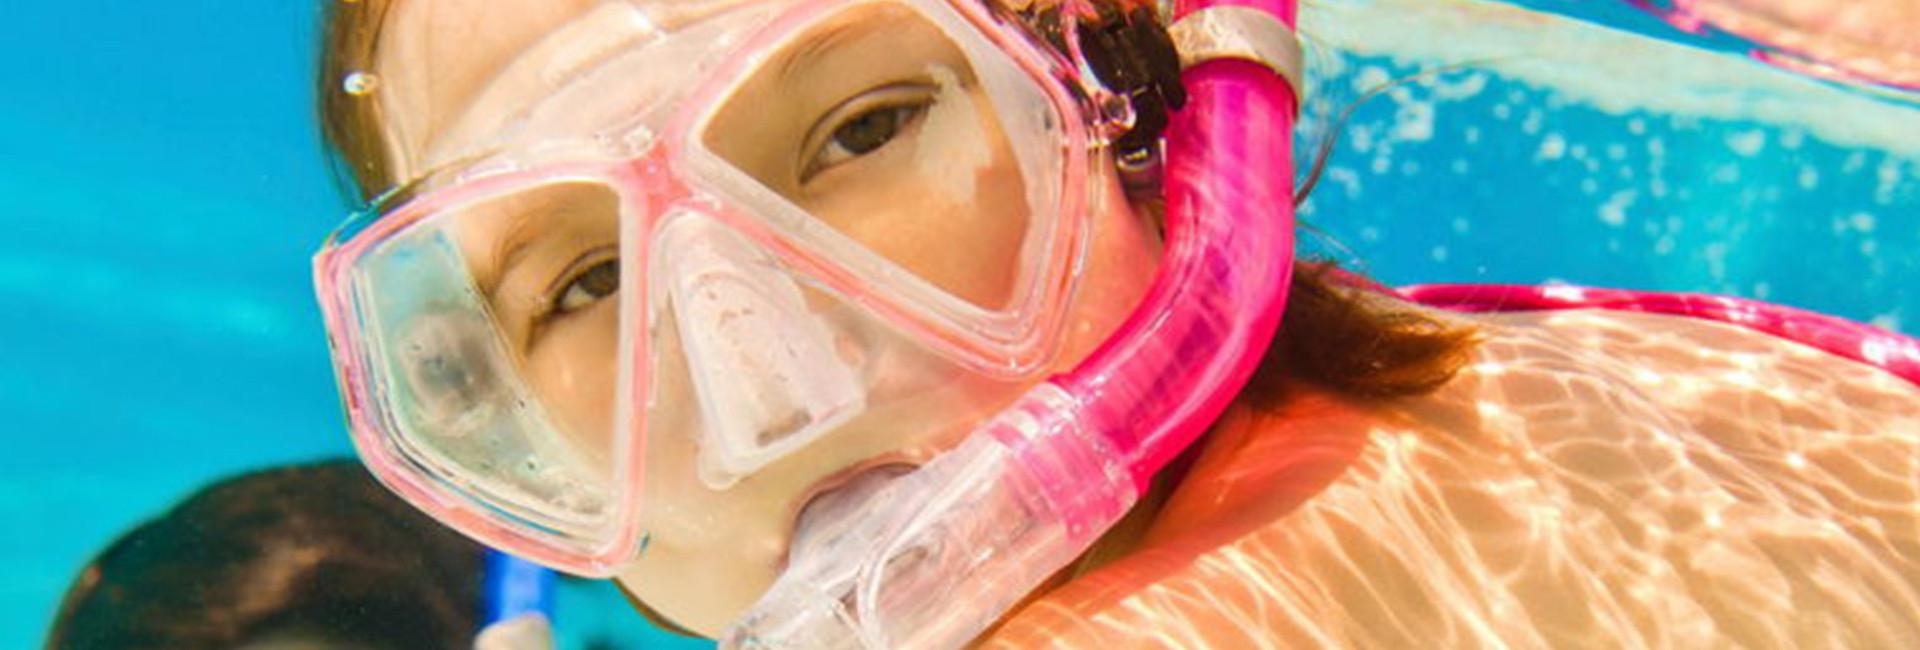 Little girl in pink snorkel gear